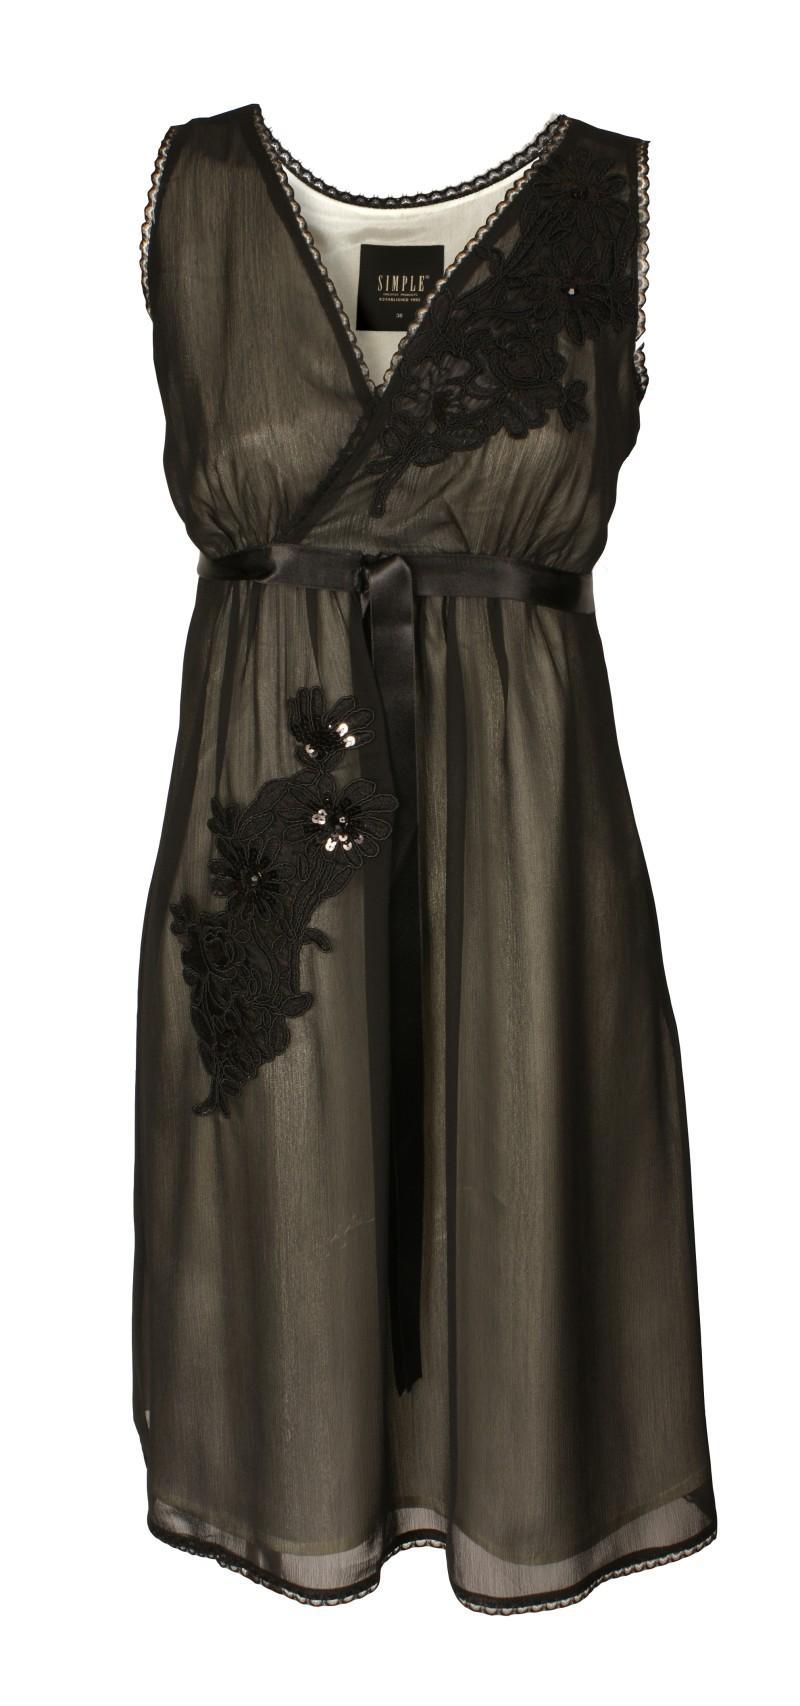 Sukienki i spódnice Simple na wiosnę i lato 2009 - Zdjęcie 28